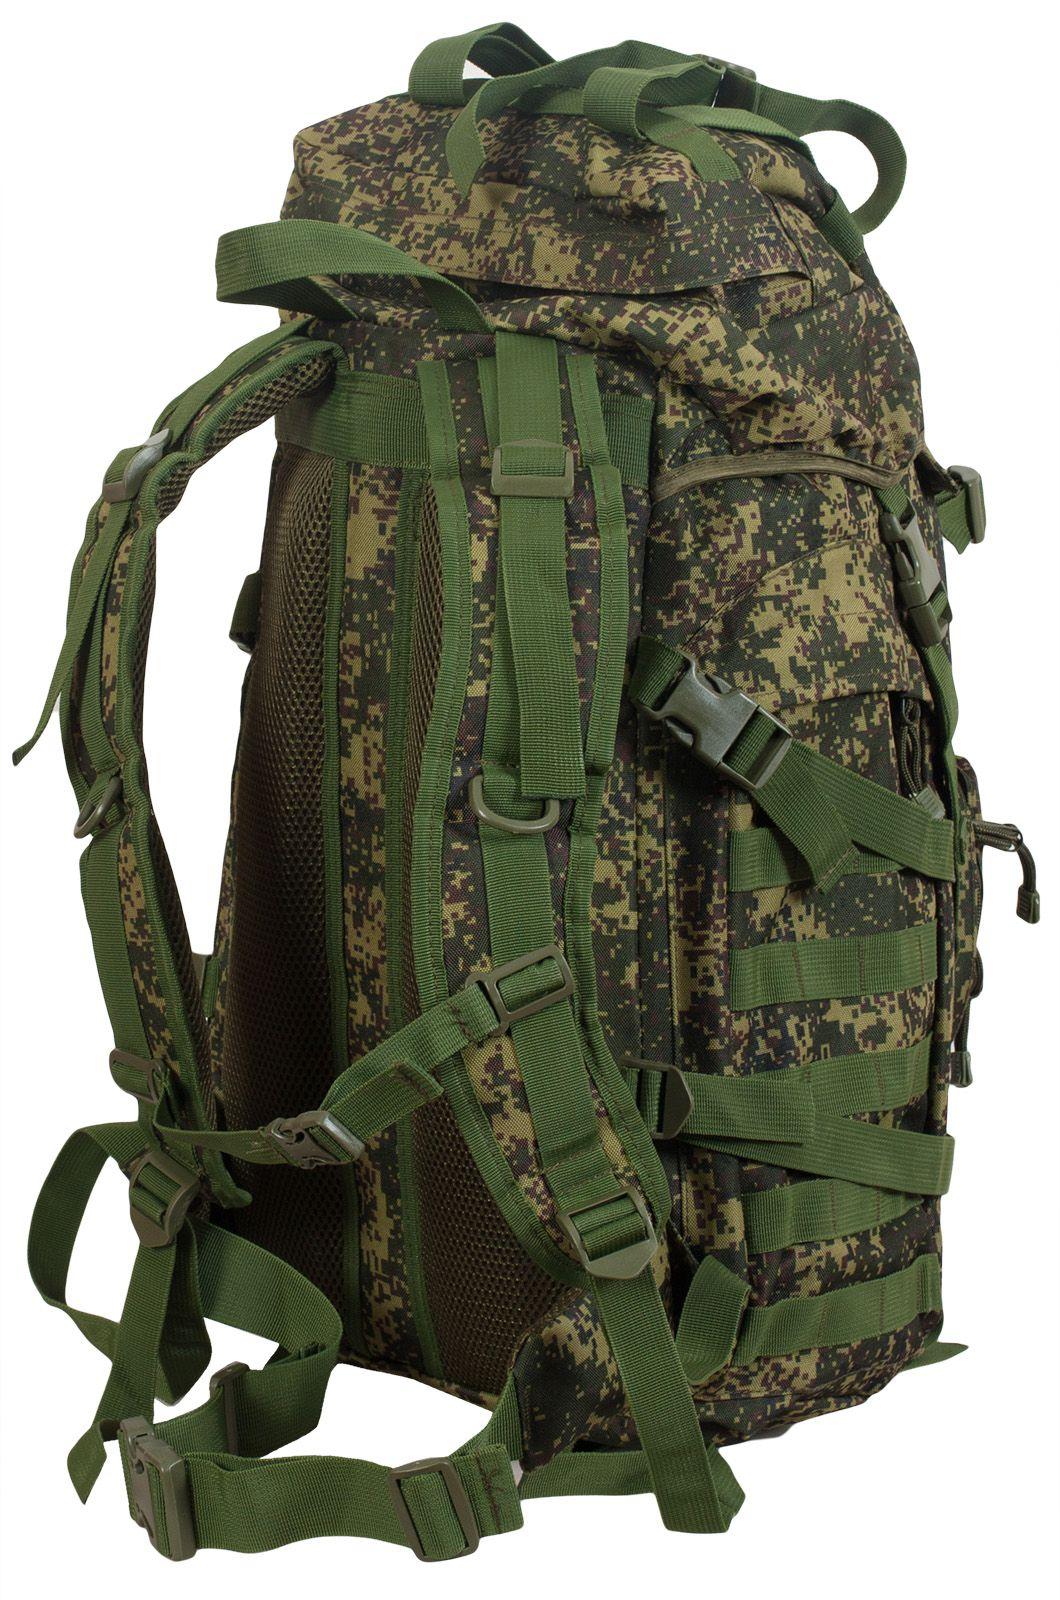 Заказать камуфляжный рюкзак для похода с доставкой